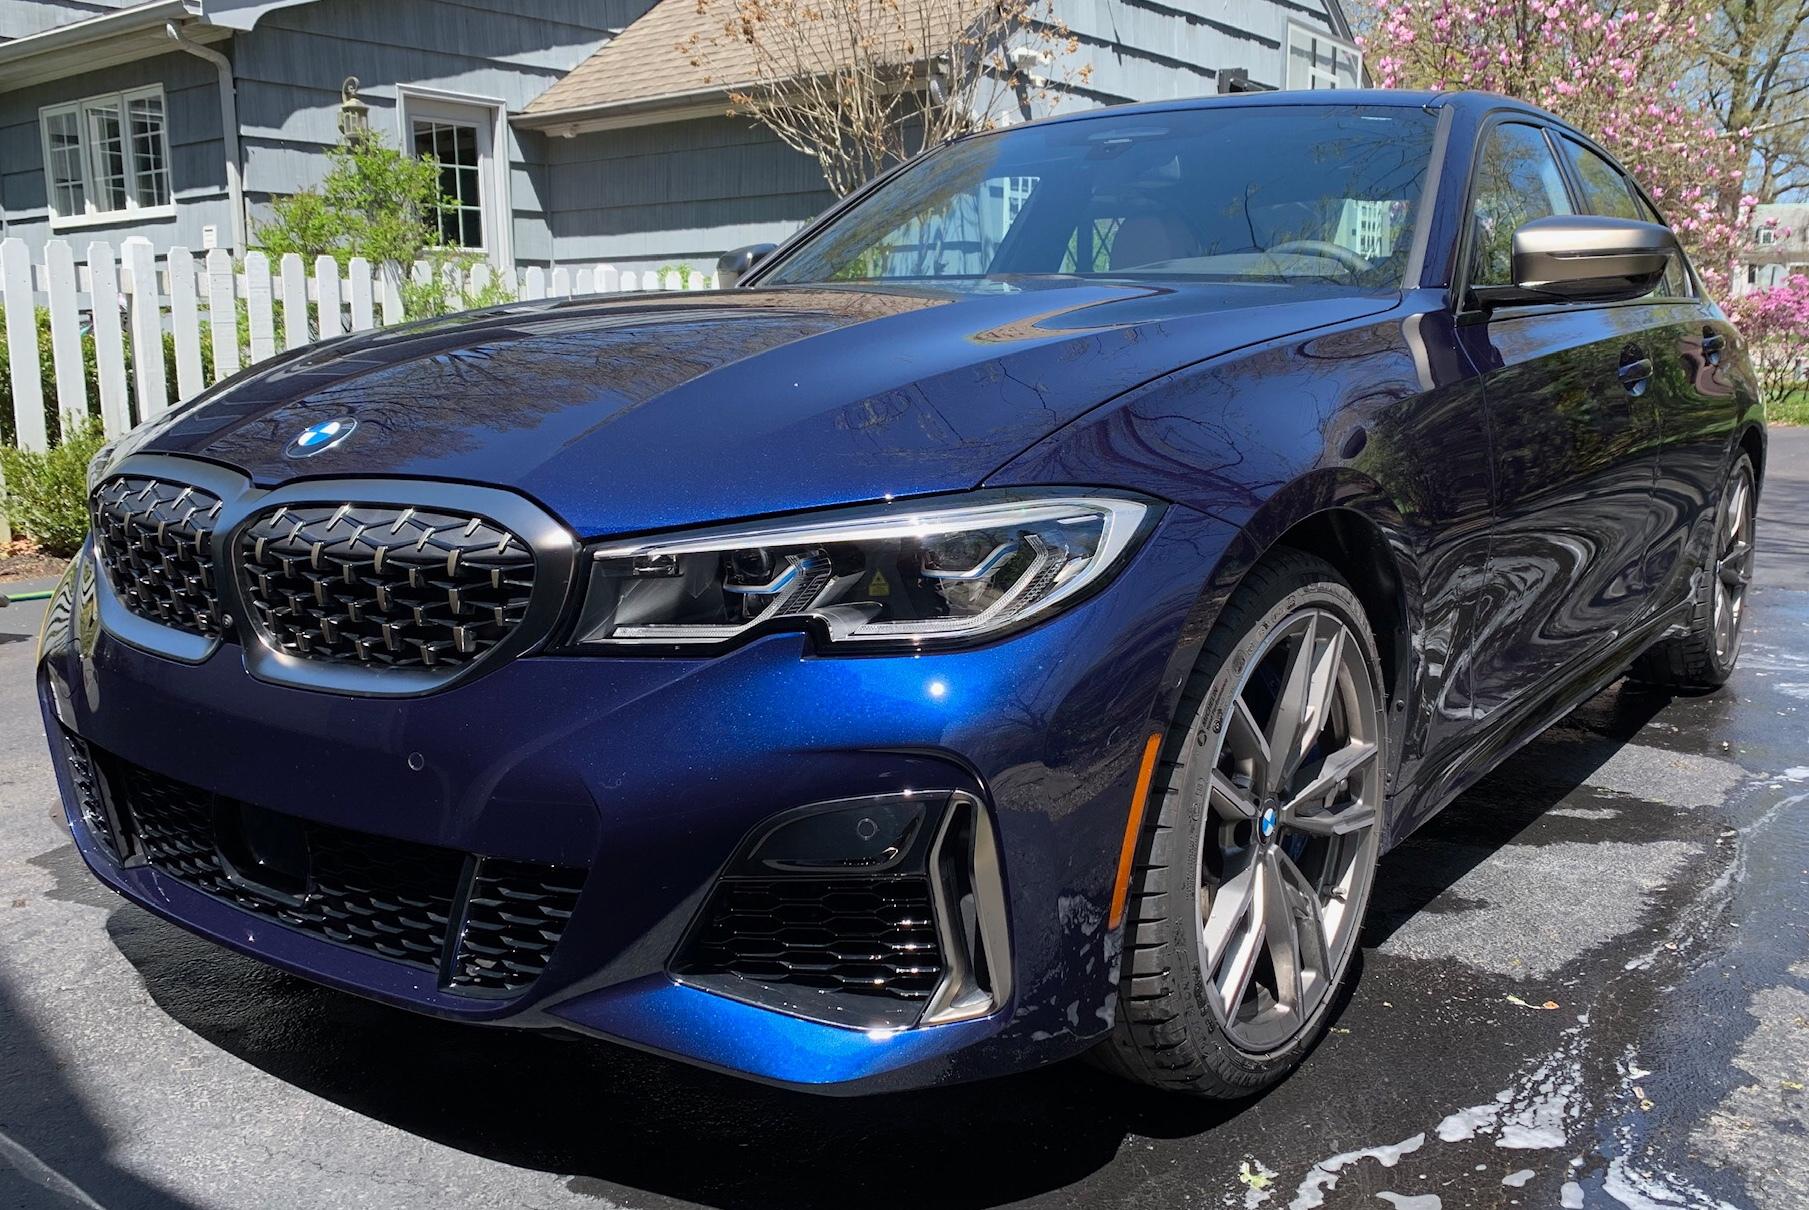 タンザナイト・ブルーの新型bmw3シリーズ G20 M340i Xdriveが素敵すぎます それに比べて日本仕様は